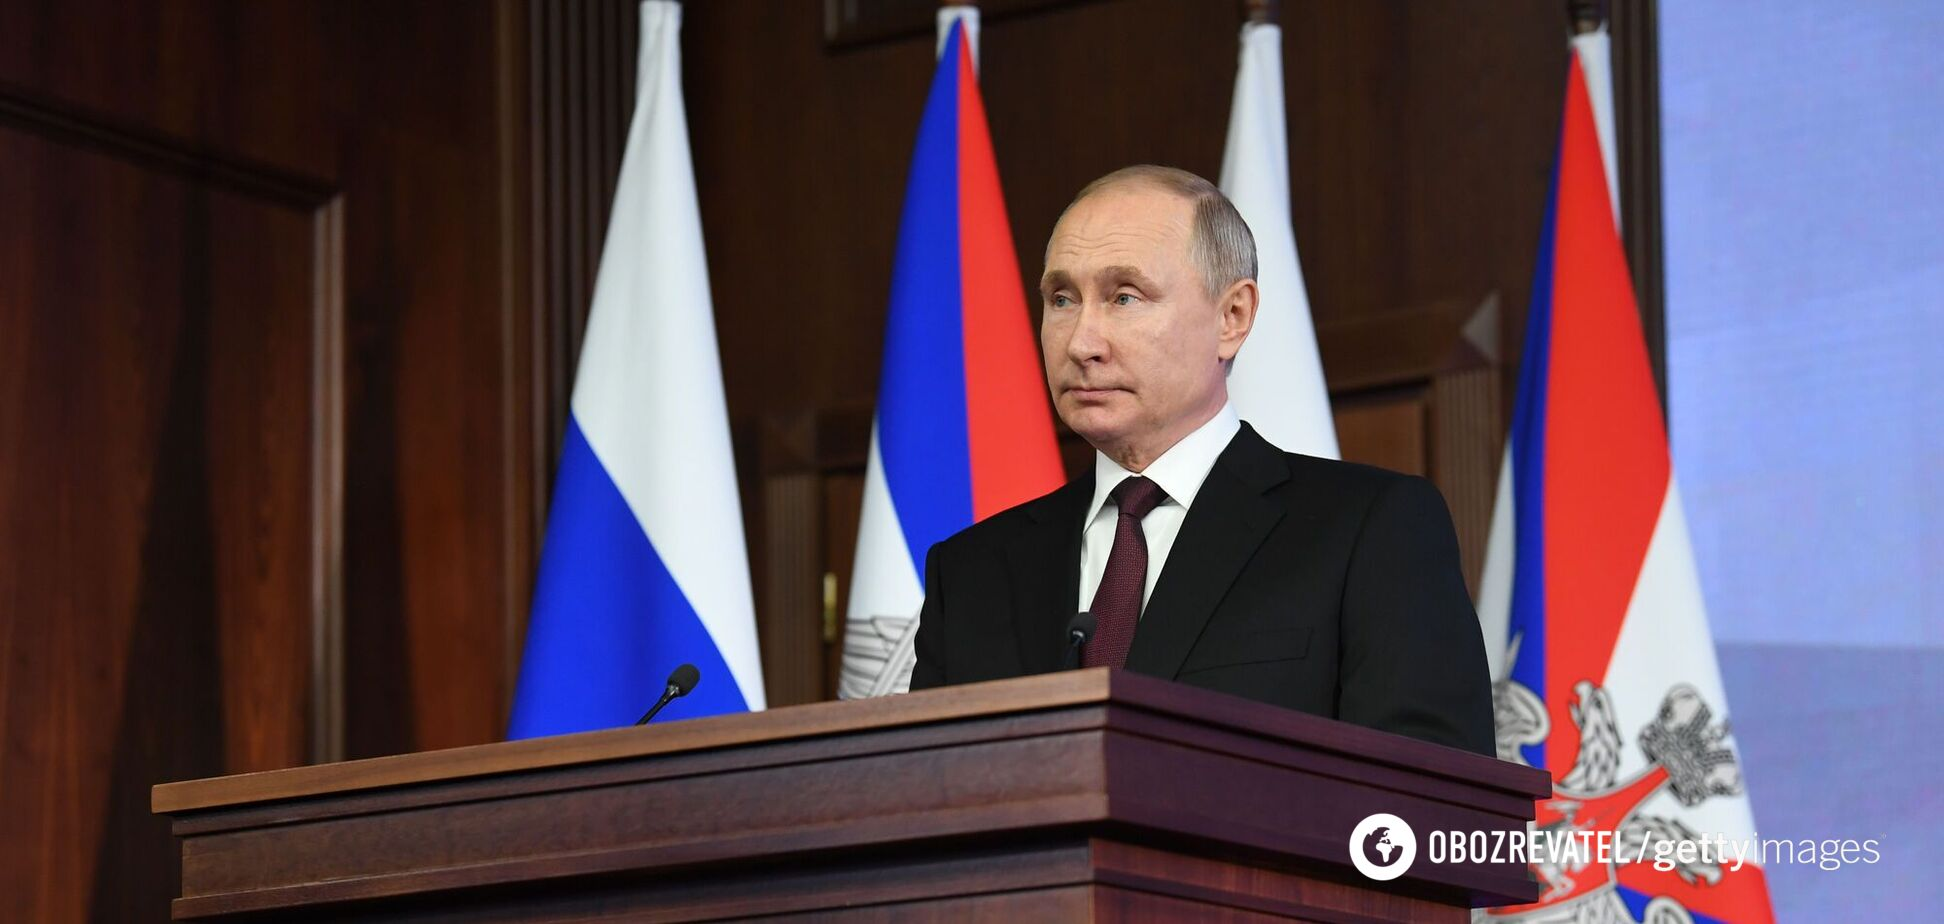 2020-й рік виявився невдалим для російського президента Володимира Путіна, вважає Гаррі Каспаров